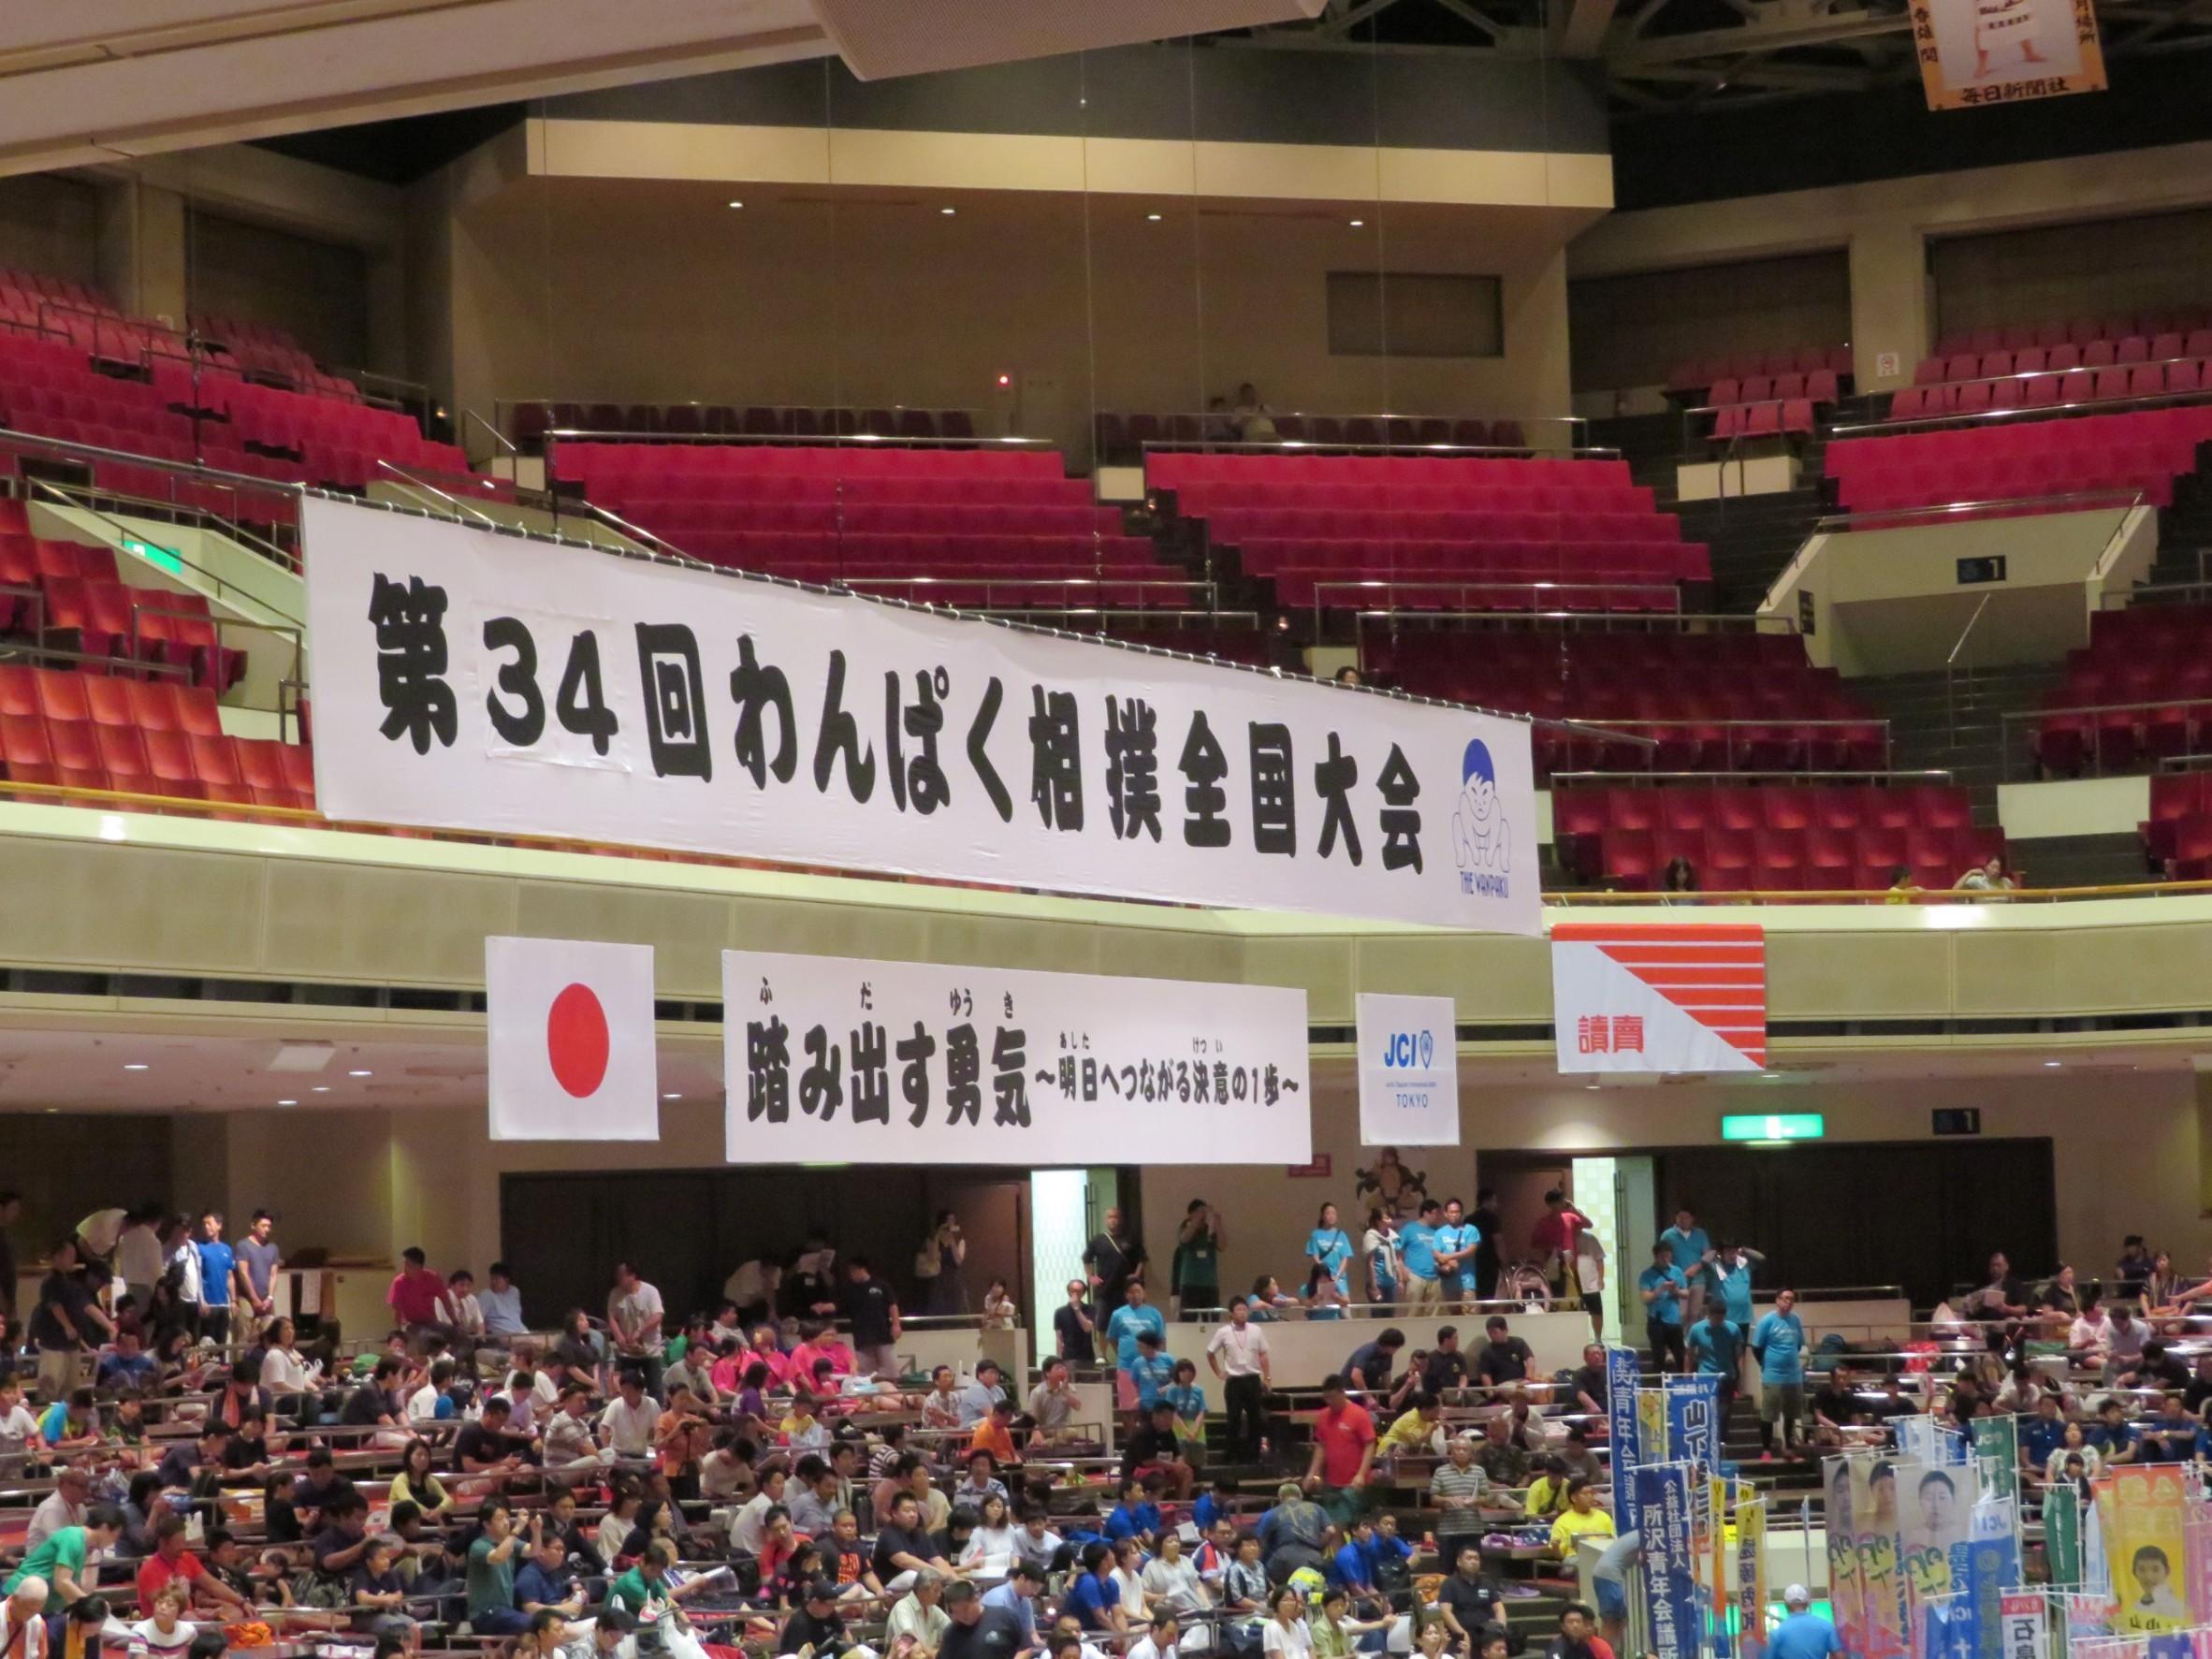 【第34回わんぱく相撲全国大会】参加のご報告